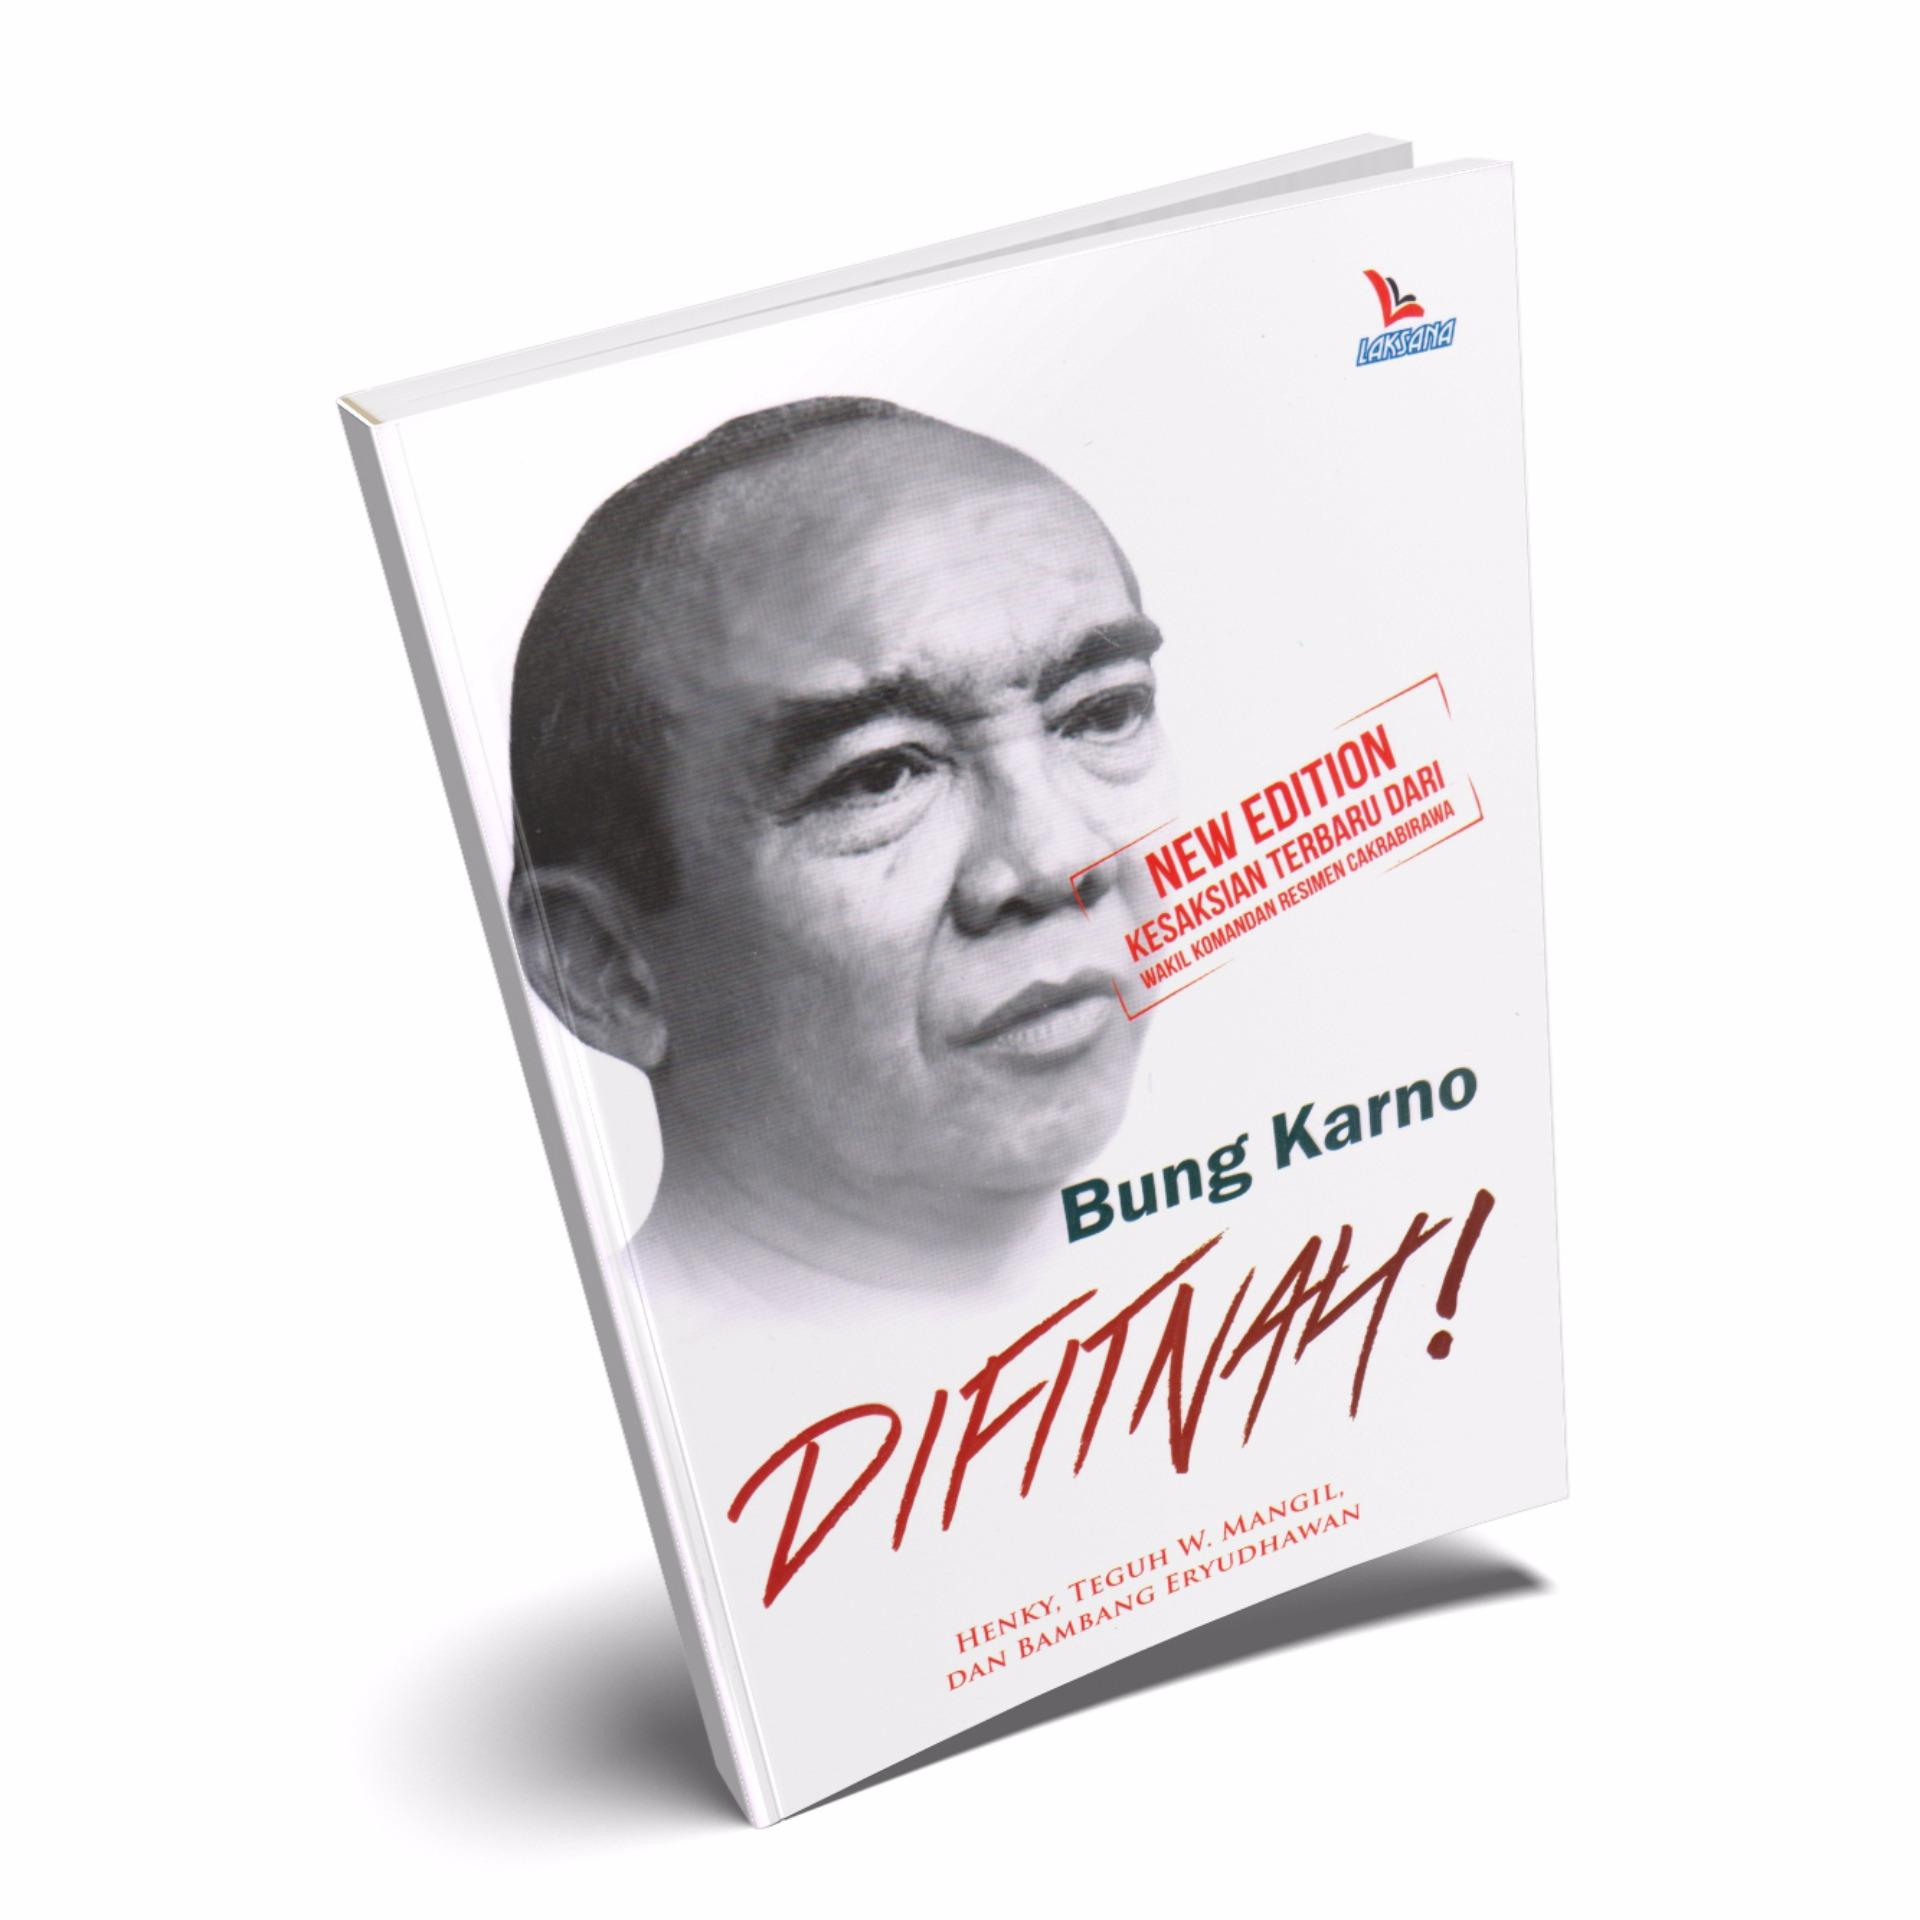 Suka Buku Cara Mudah Dan Gaul Belajar Grammar Plus Tips Toefl Flash Sale Bung Karno Difitnah New Edition